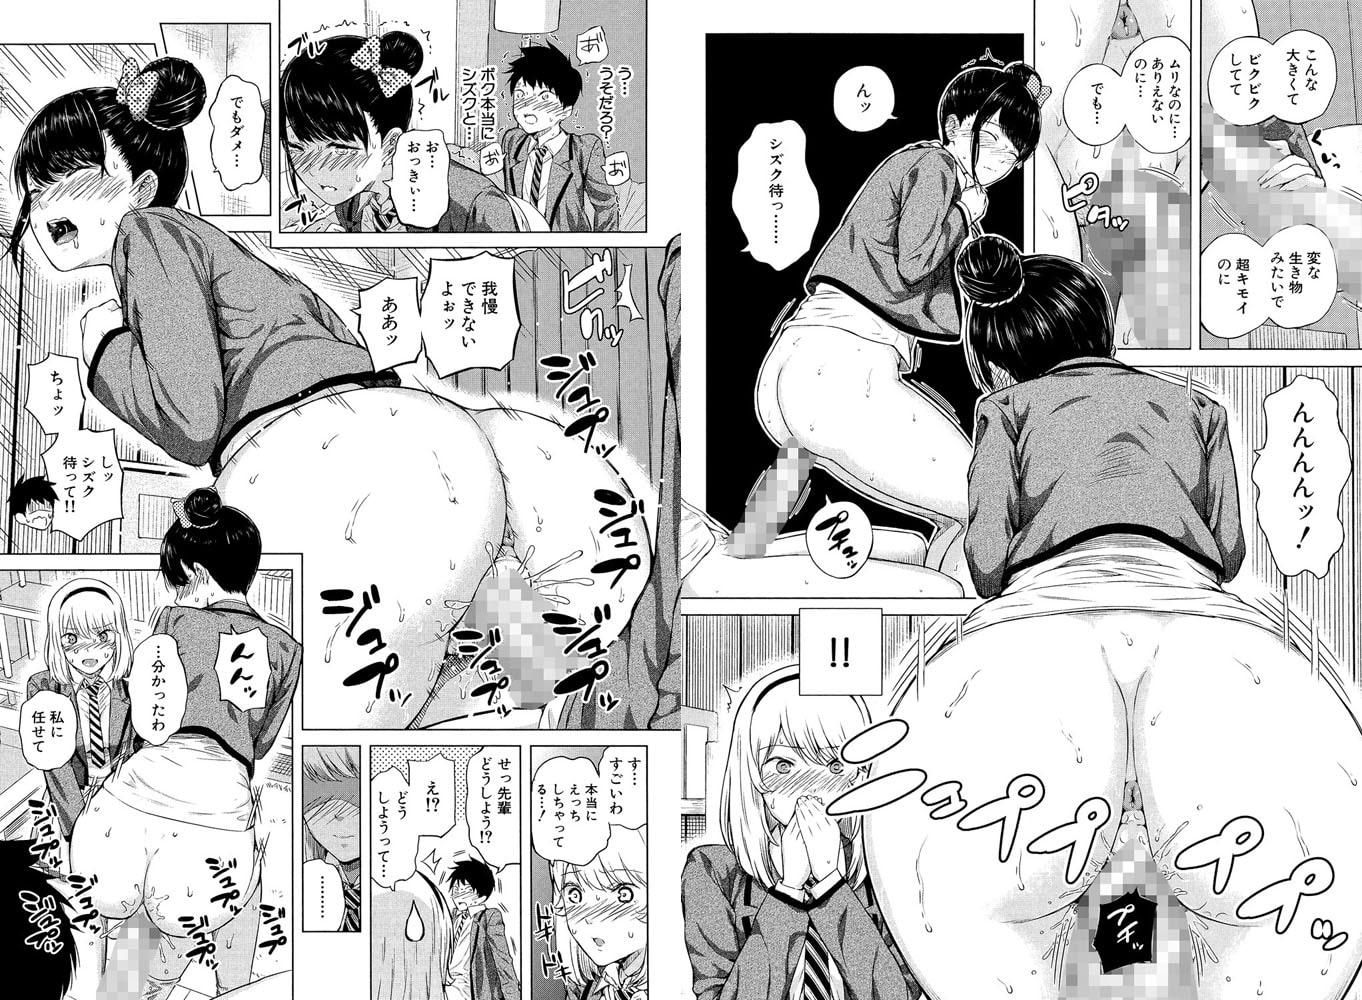 【ティーアイネット】シオロク先生 2冊パック(202005)